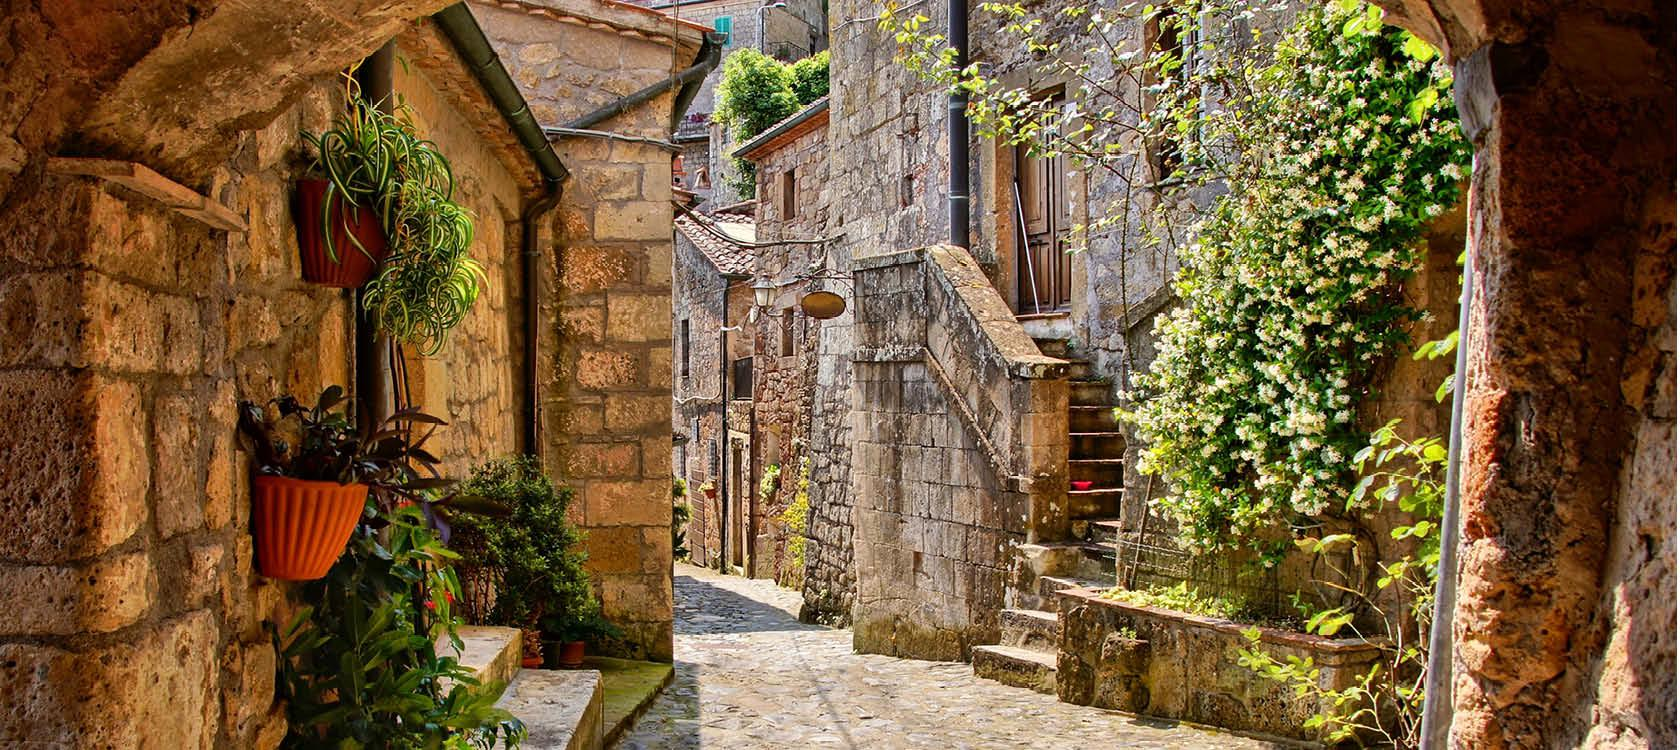 Kulturrejse til Toscana og Umbrien